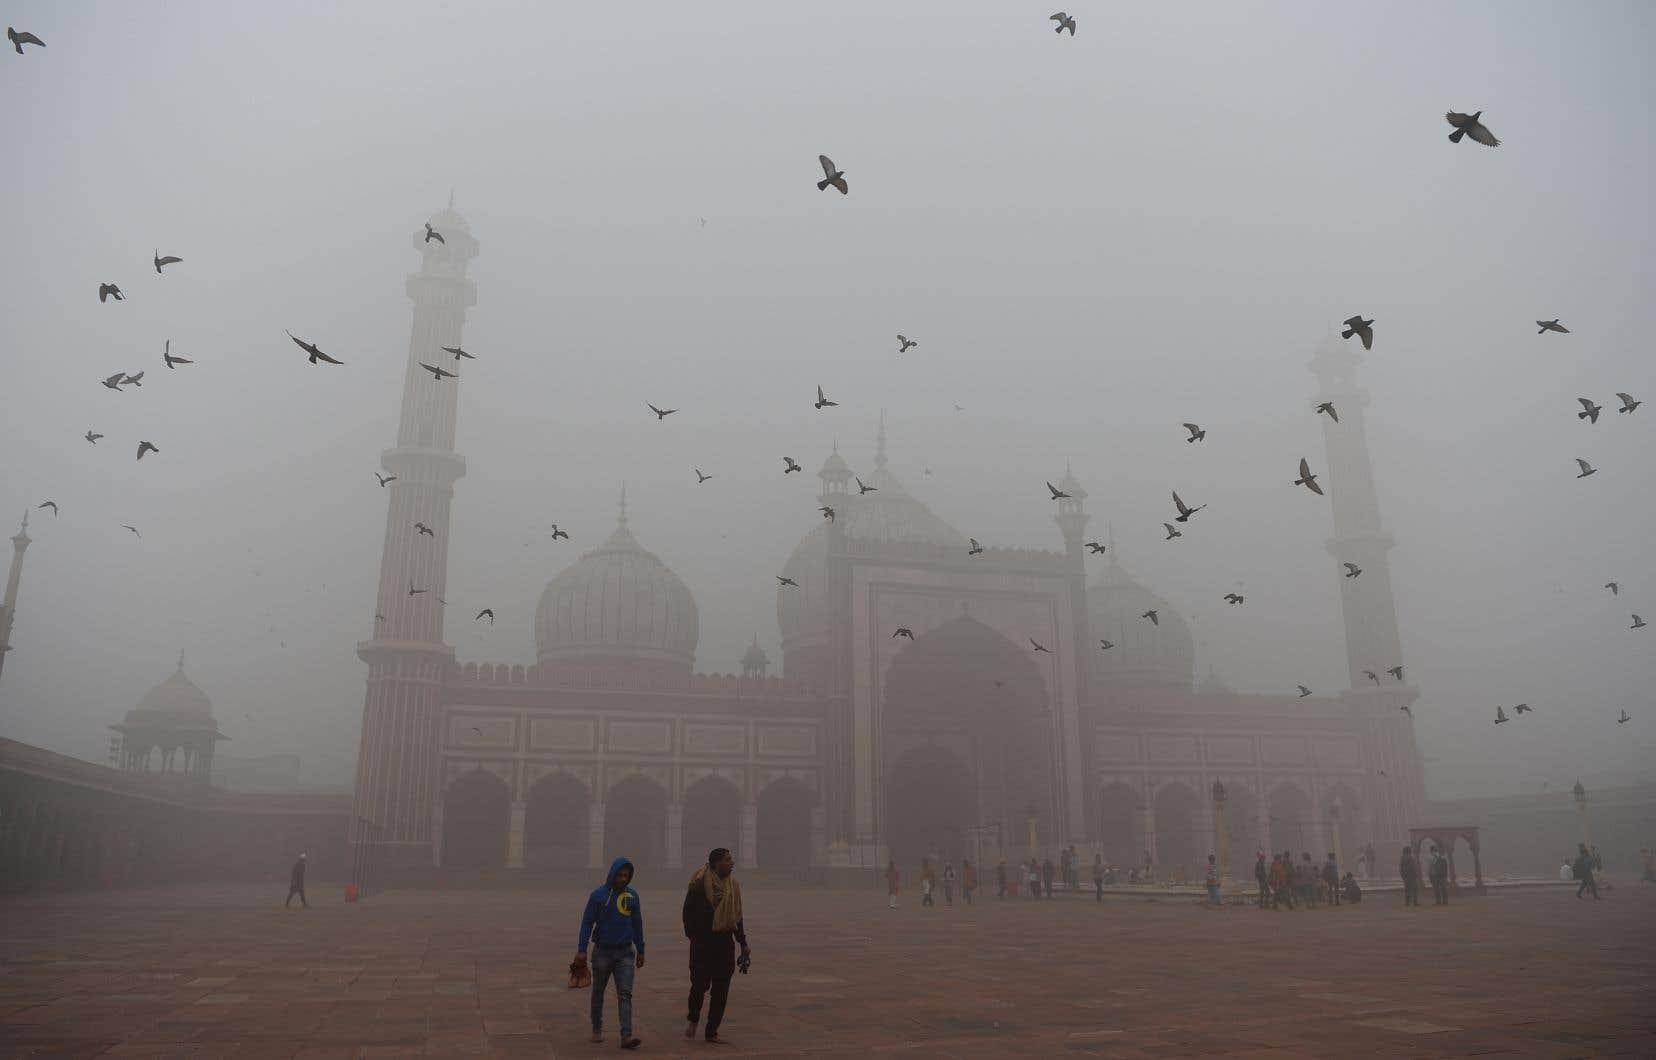 Mercredi après-midi, une brume lumineuse emprisonnait l'étendue urbaine de New Delhi.